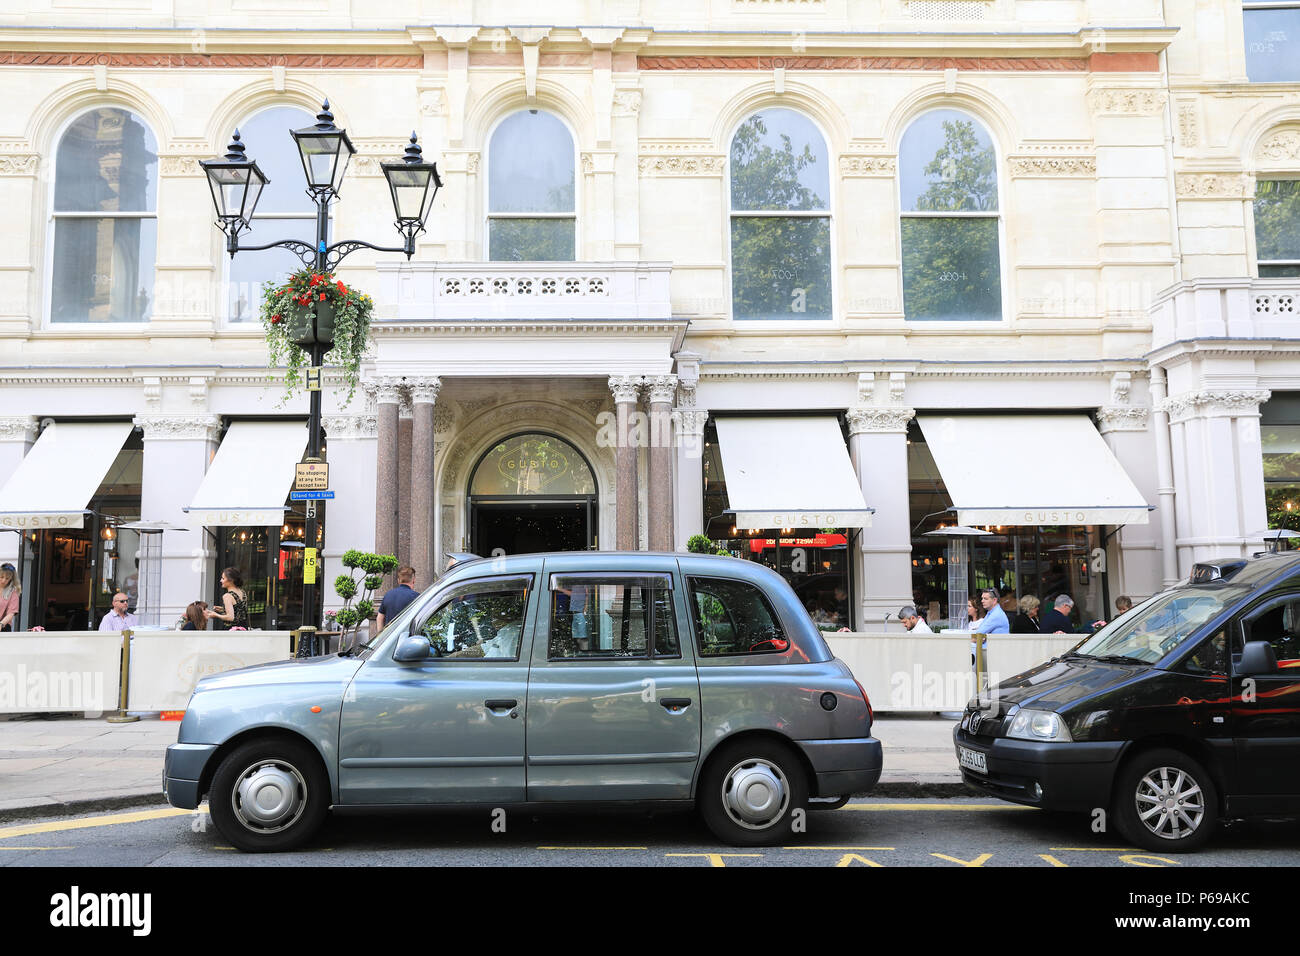 Restaurant Gusto auf die neu gestaltete Grand Hotel auf Colmore Row, in Birmingham Business District, in den West Midlands, Großbritannien Stockbild